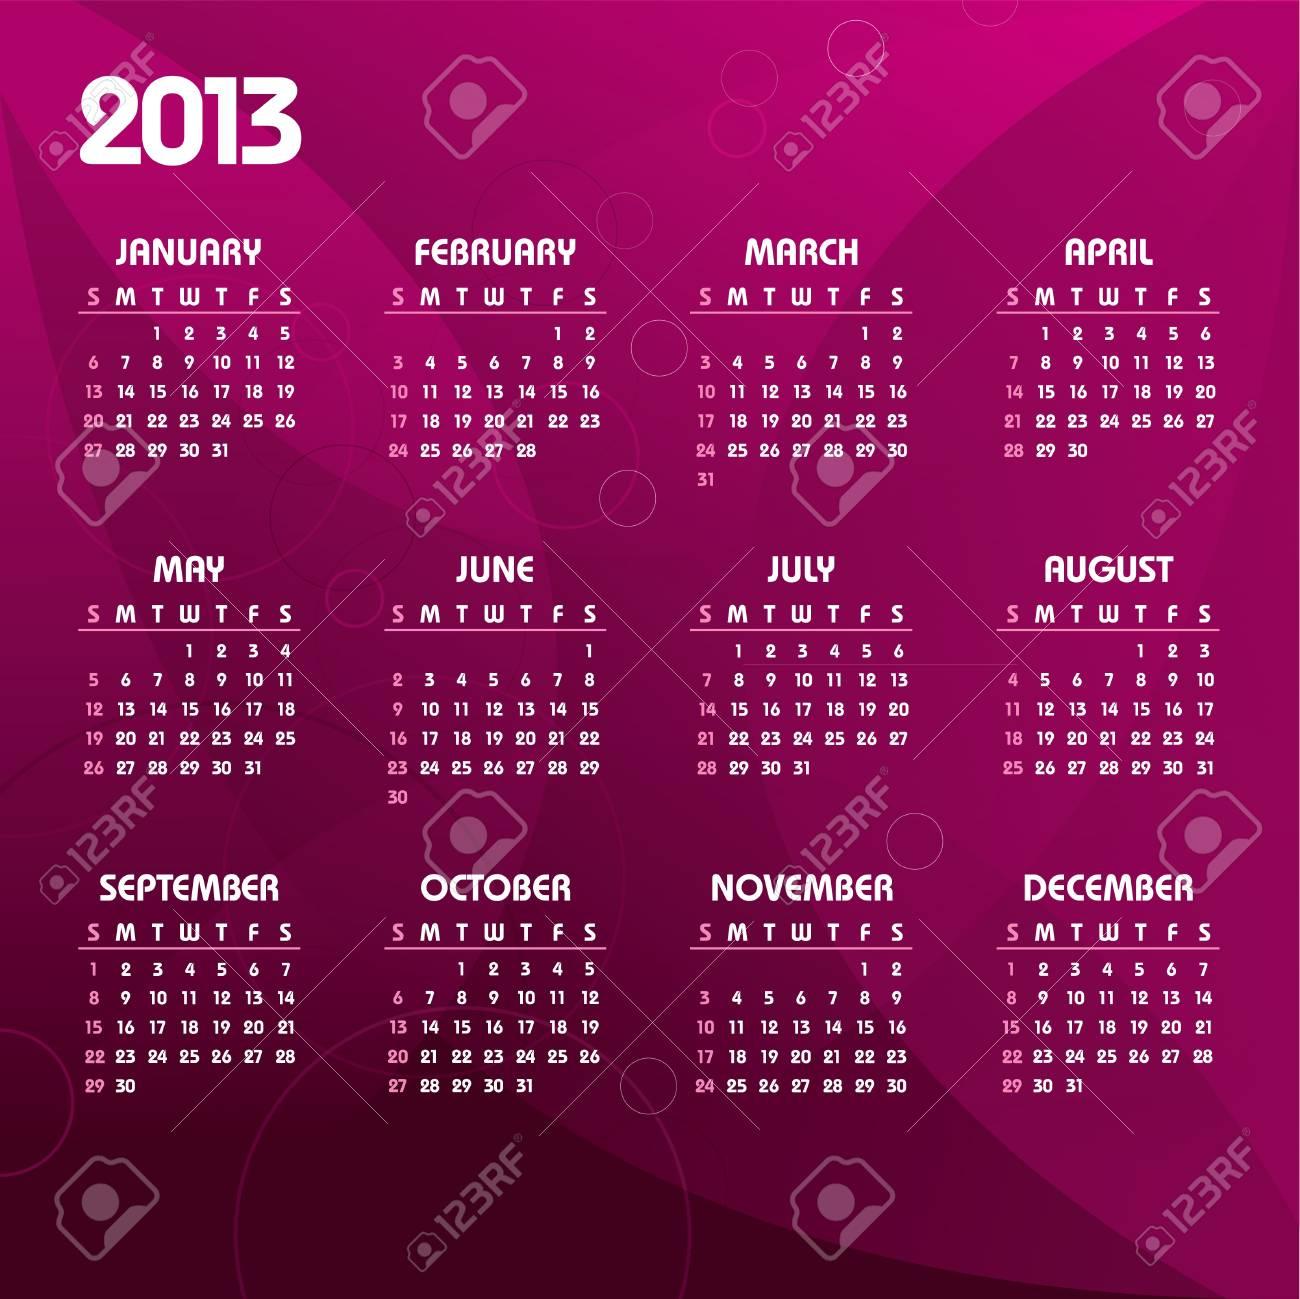 2013 Calendar Stock Vector - 14584591